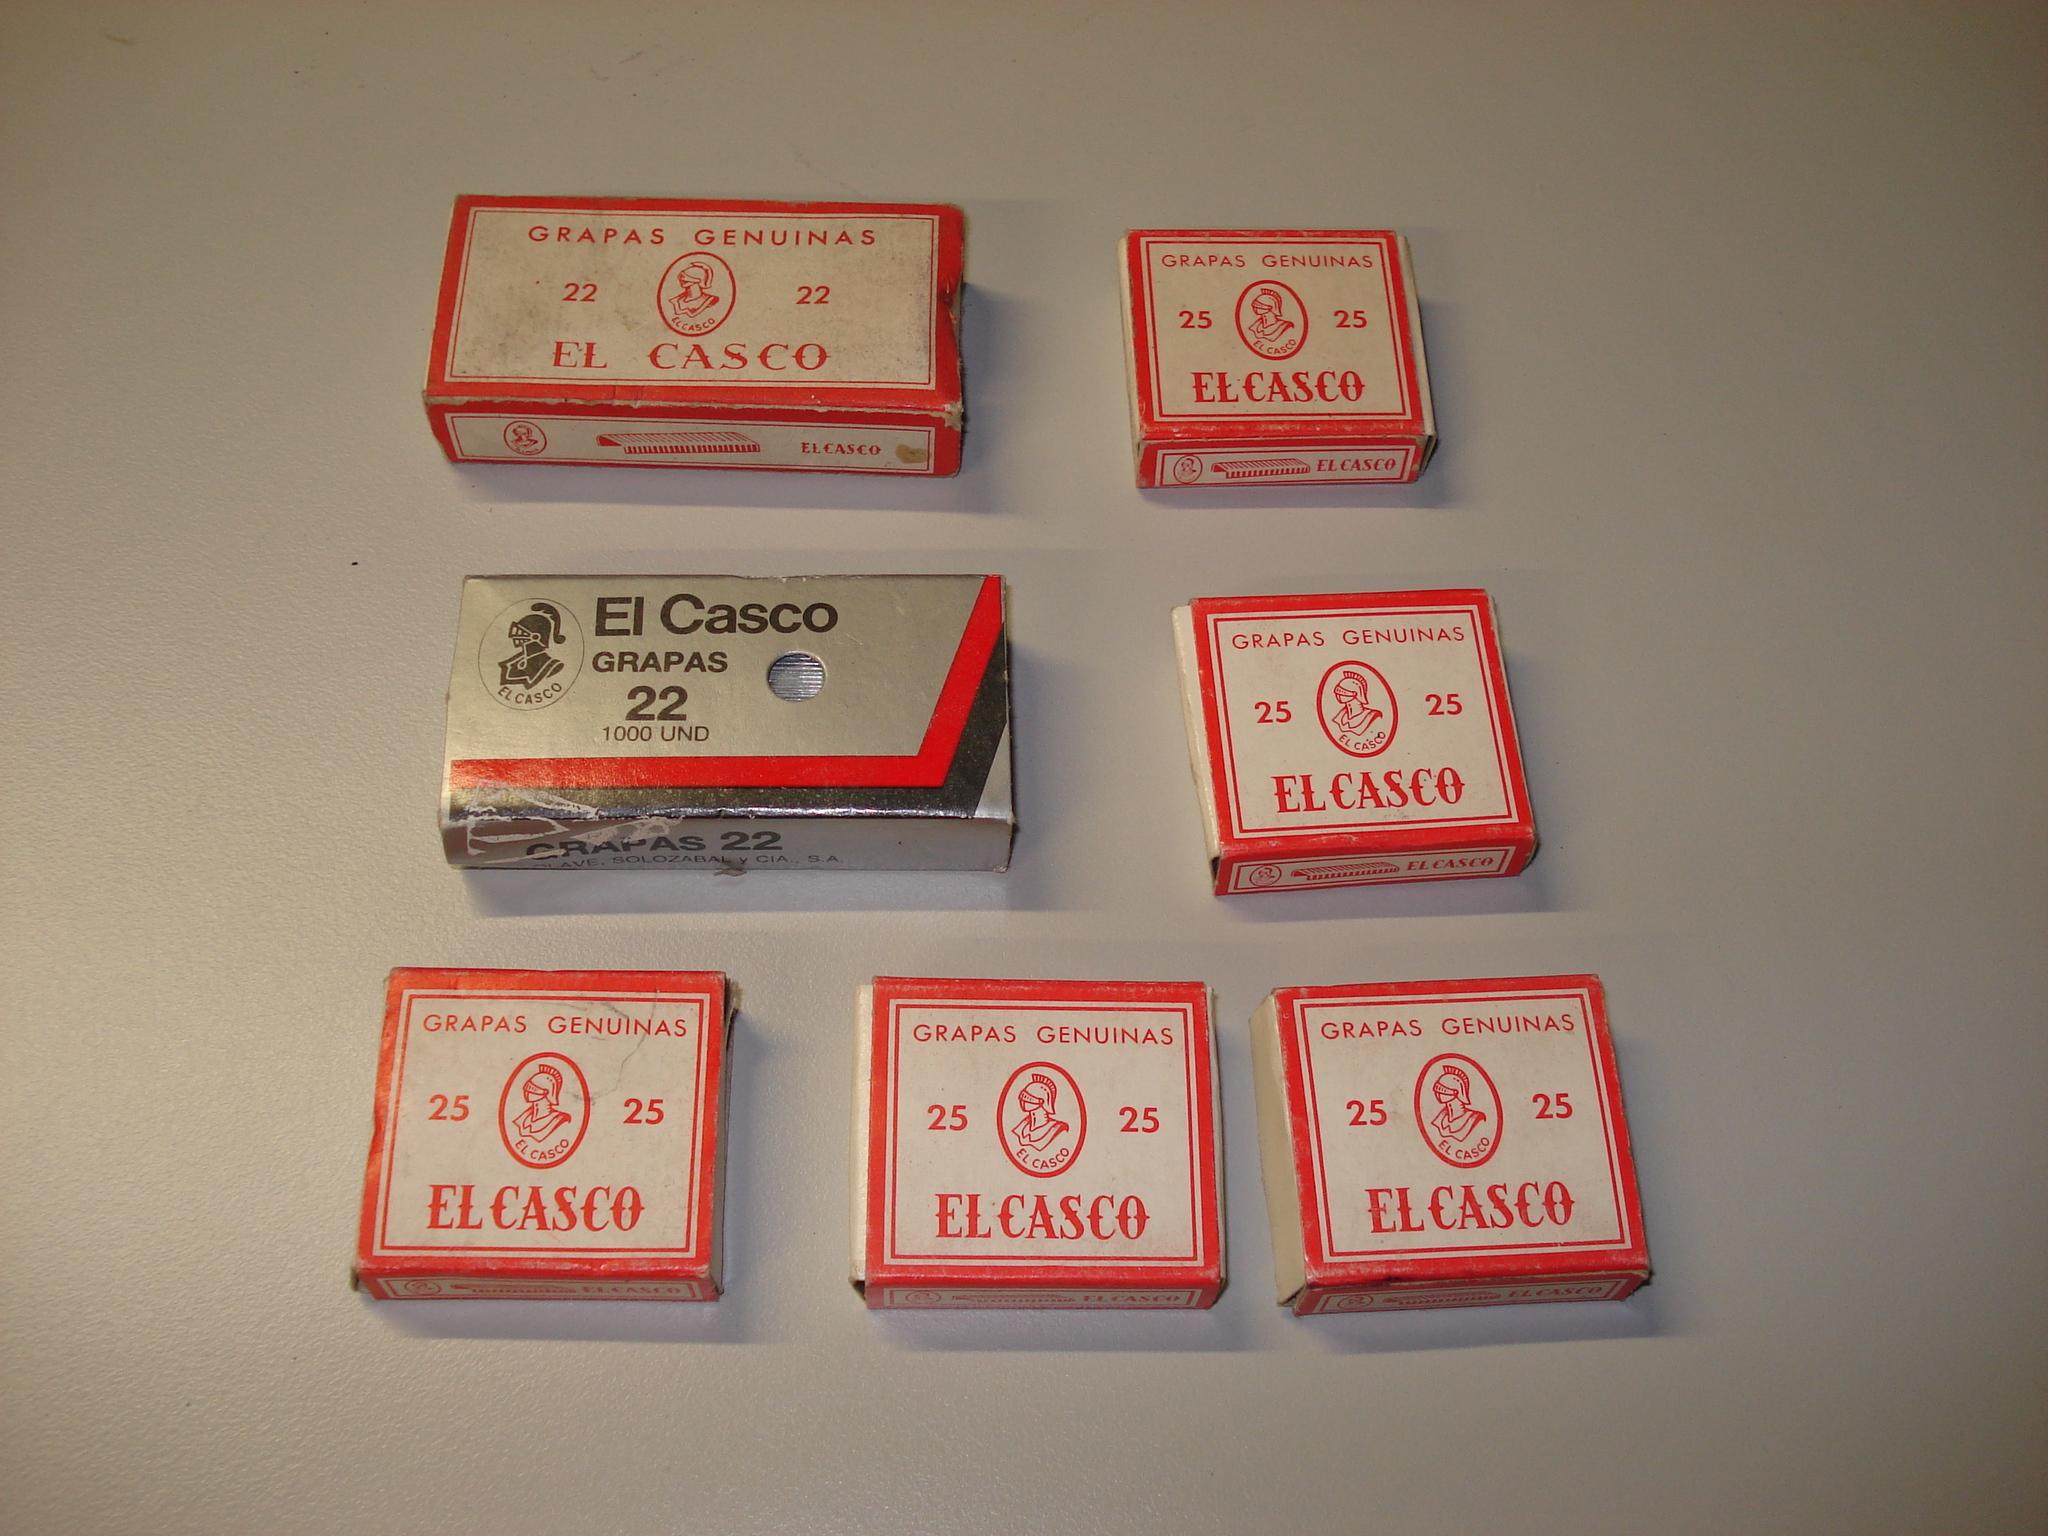 Cajas de grapas EL CASCO